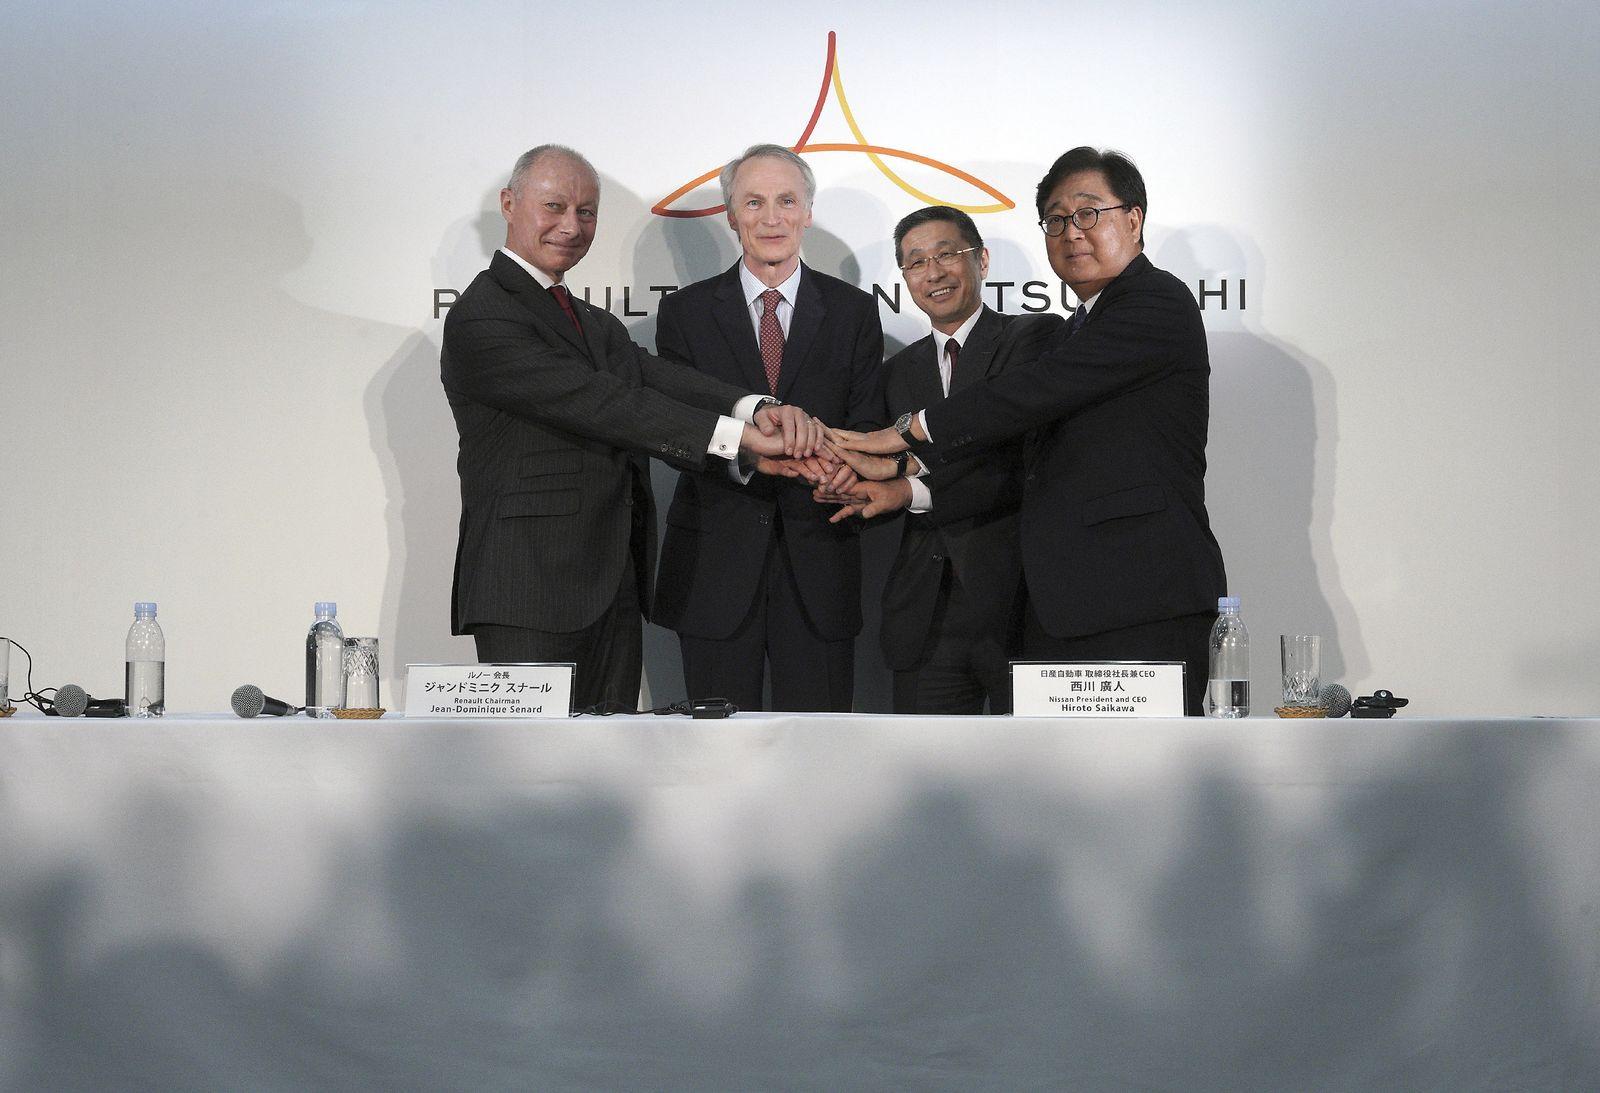 Gemeinsame Pressekonferenz von Renault, Nissan und Mitsubishi